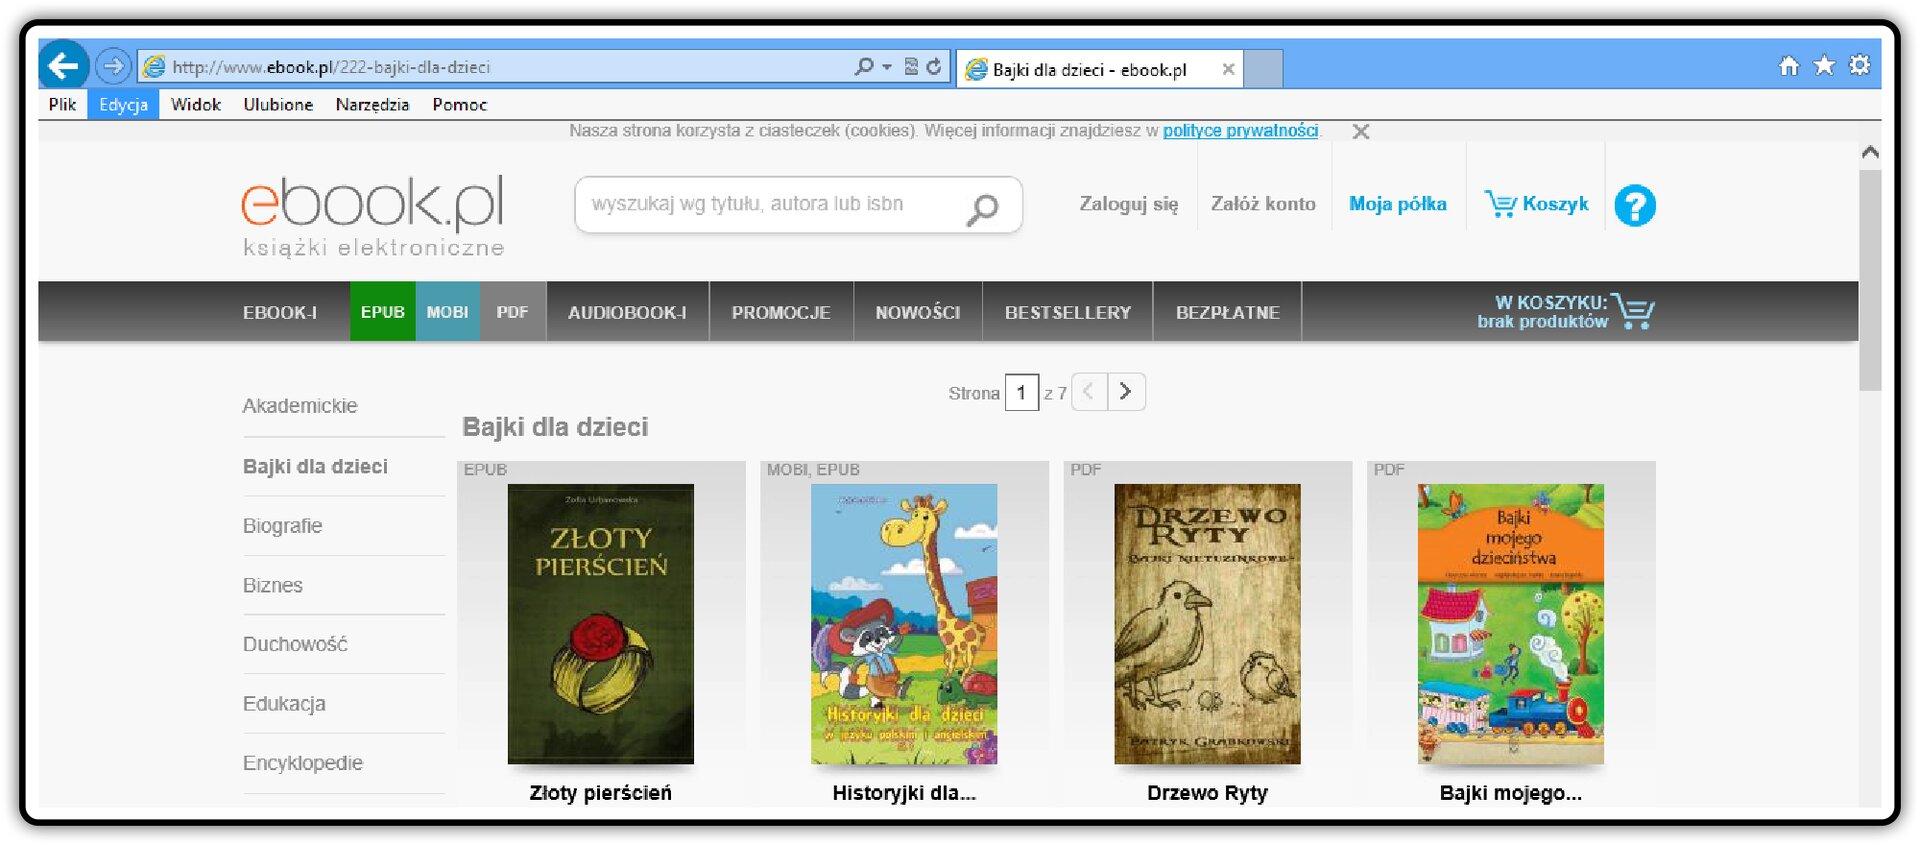 Zrzut okna strony http://www.ebook.pl